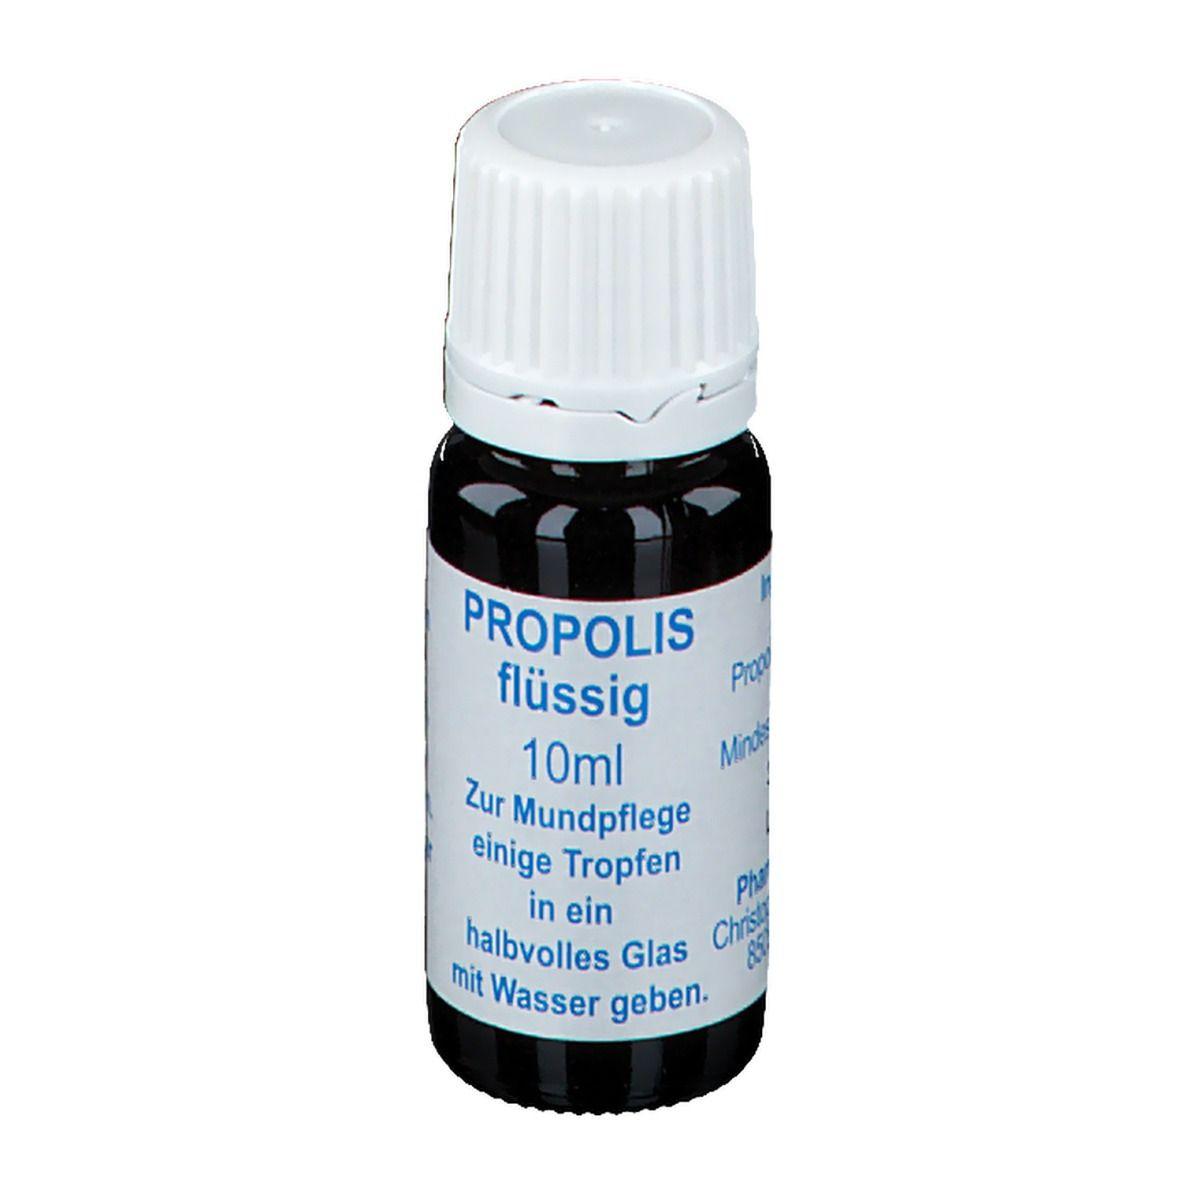 Propolis flüssig Tropfen